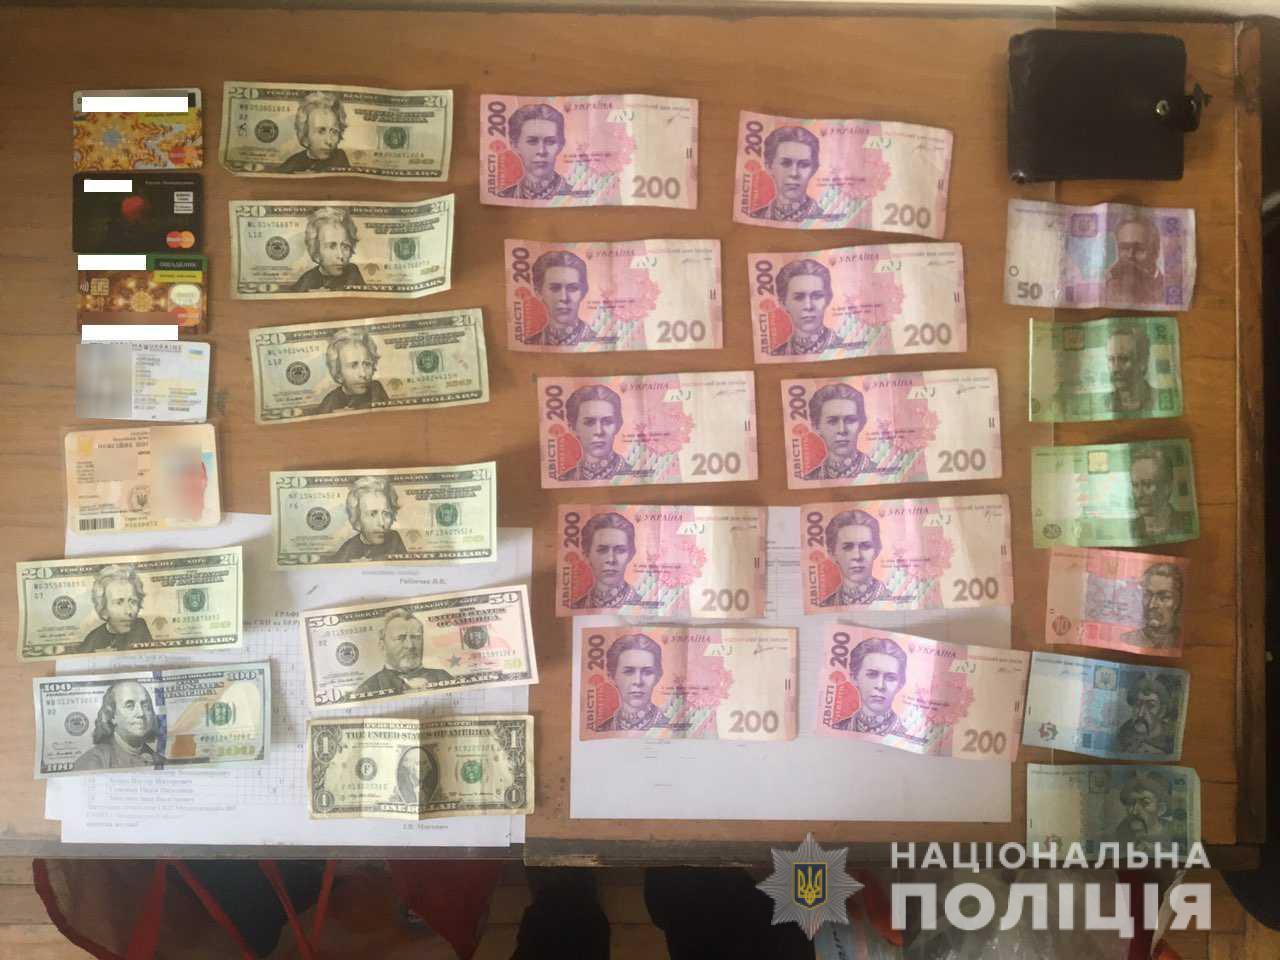 Поліція Мукачева затримала жінку, яка вкрала з аптеки гаманець із 9 тисячами грн